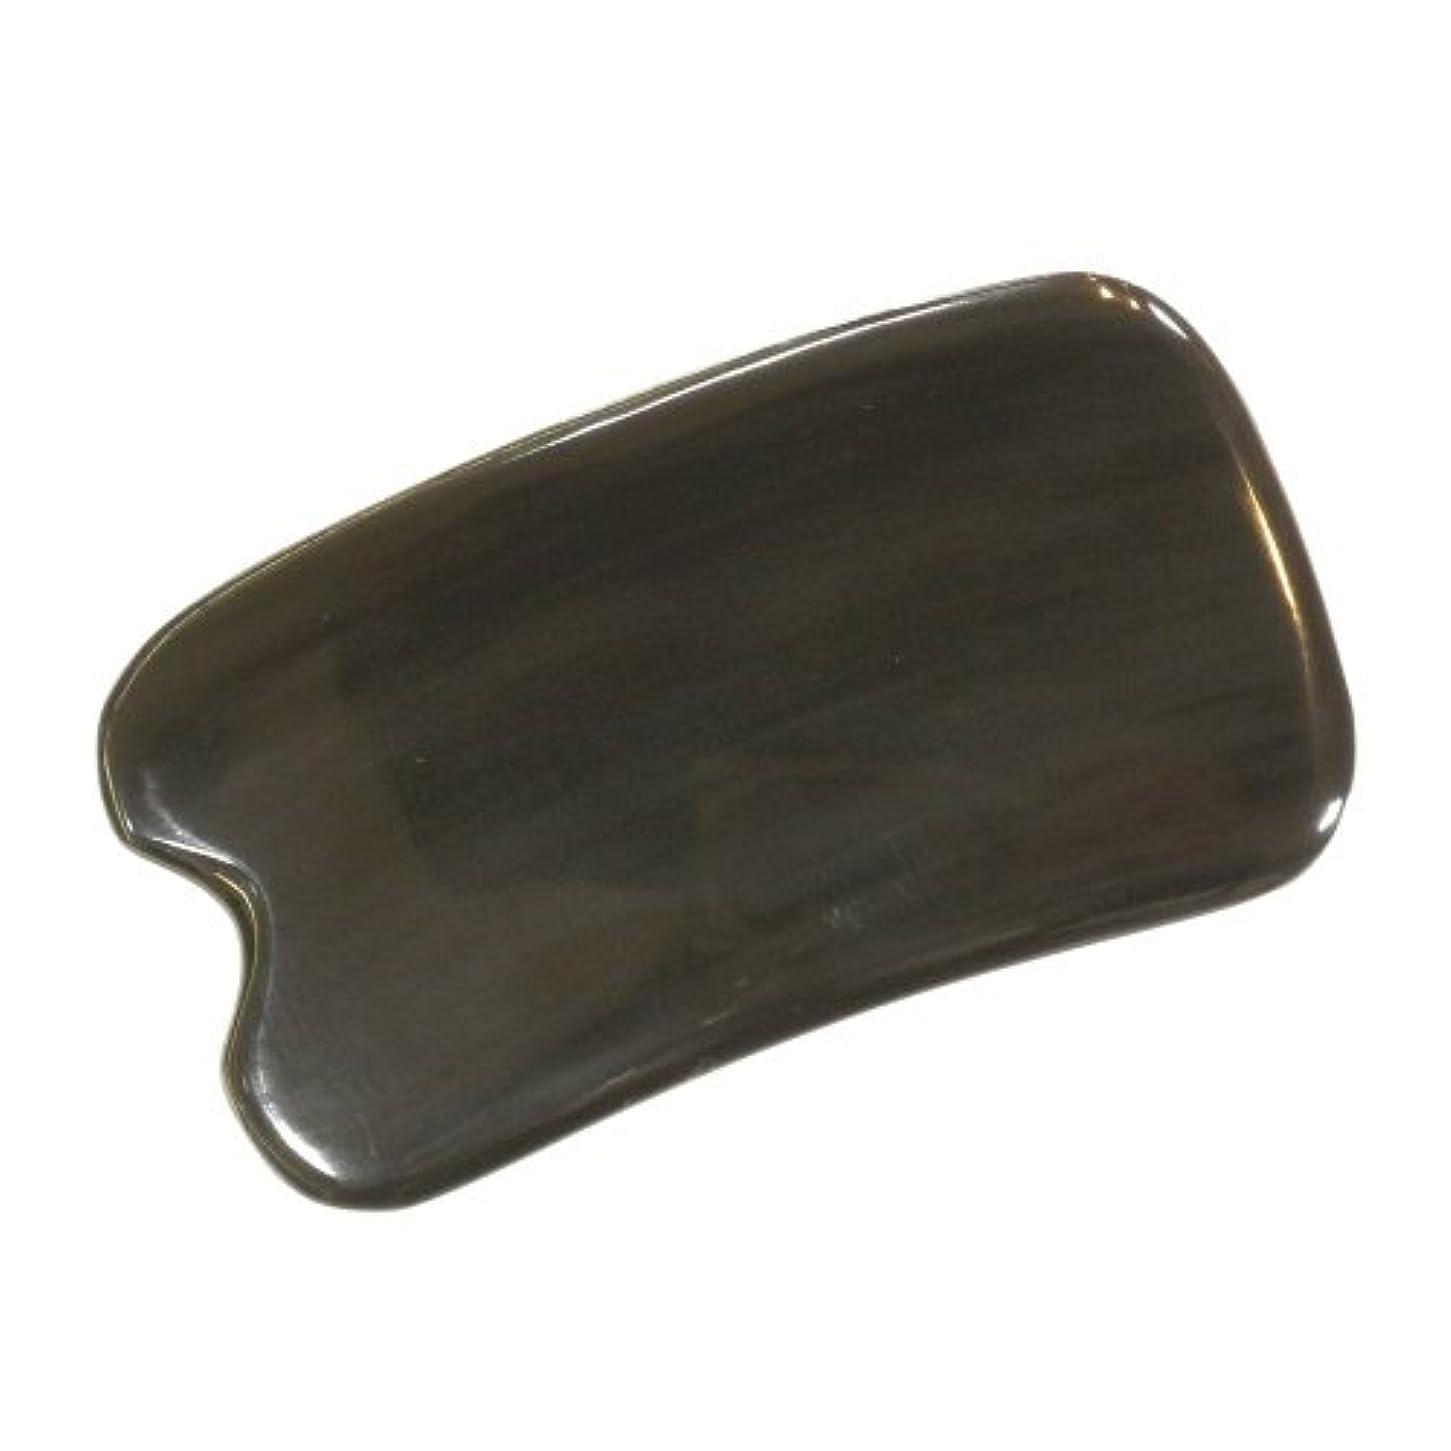 上回る第三コールドかっさ プレート 厚さが選べる ヤクの角(水牛の角) EHE273SP 黒四角凹 特級品 少し厚め(6ミリ程度) 大きめ穴無